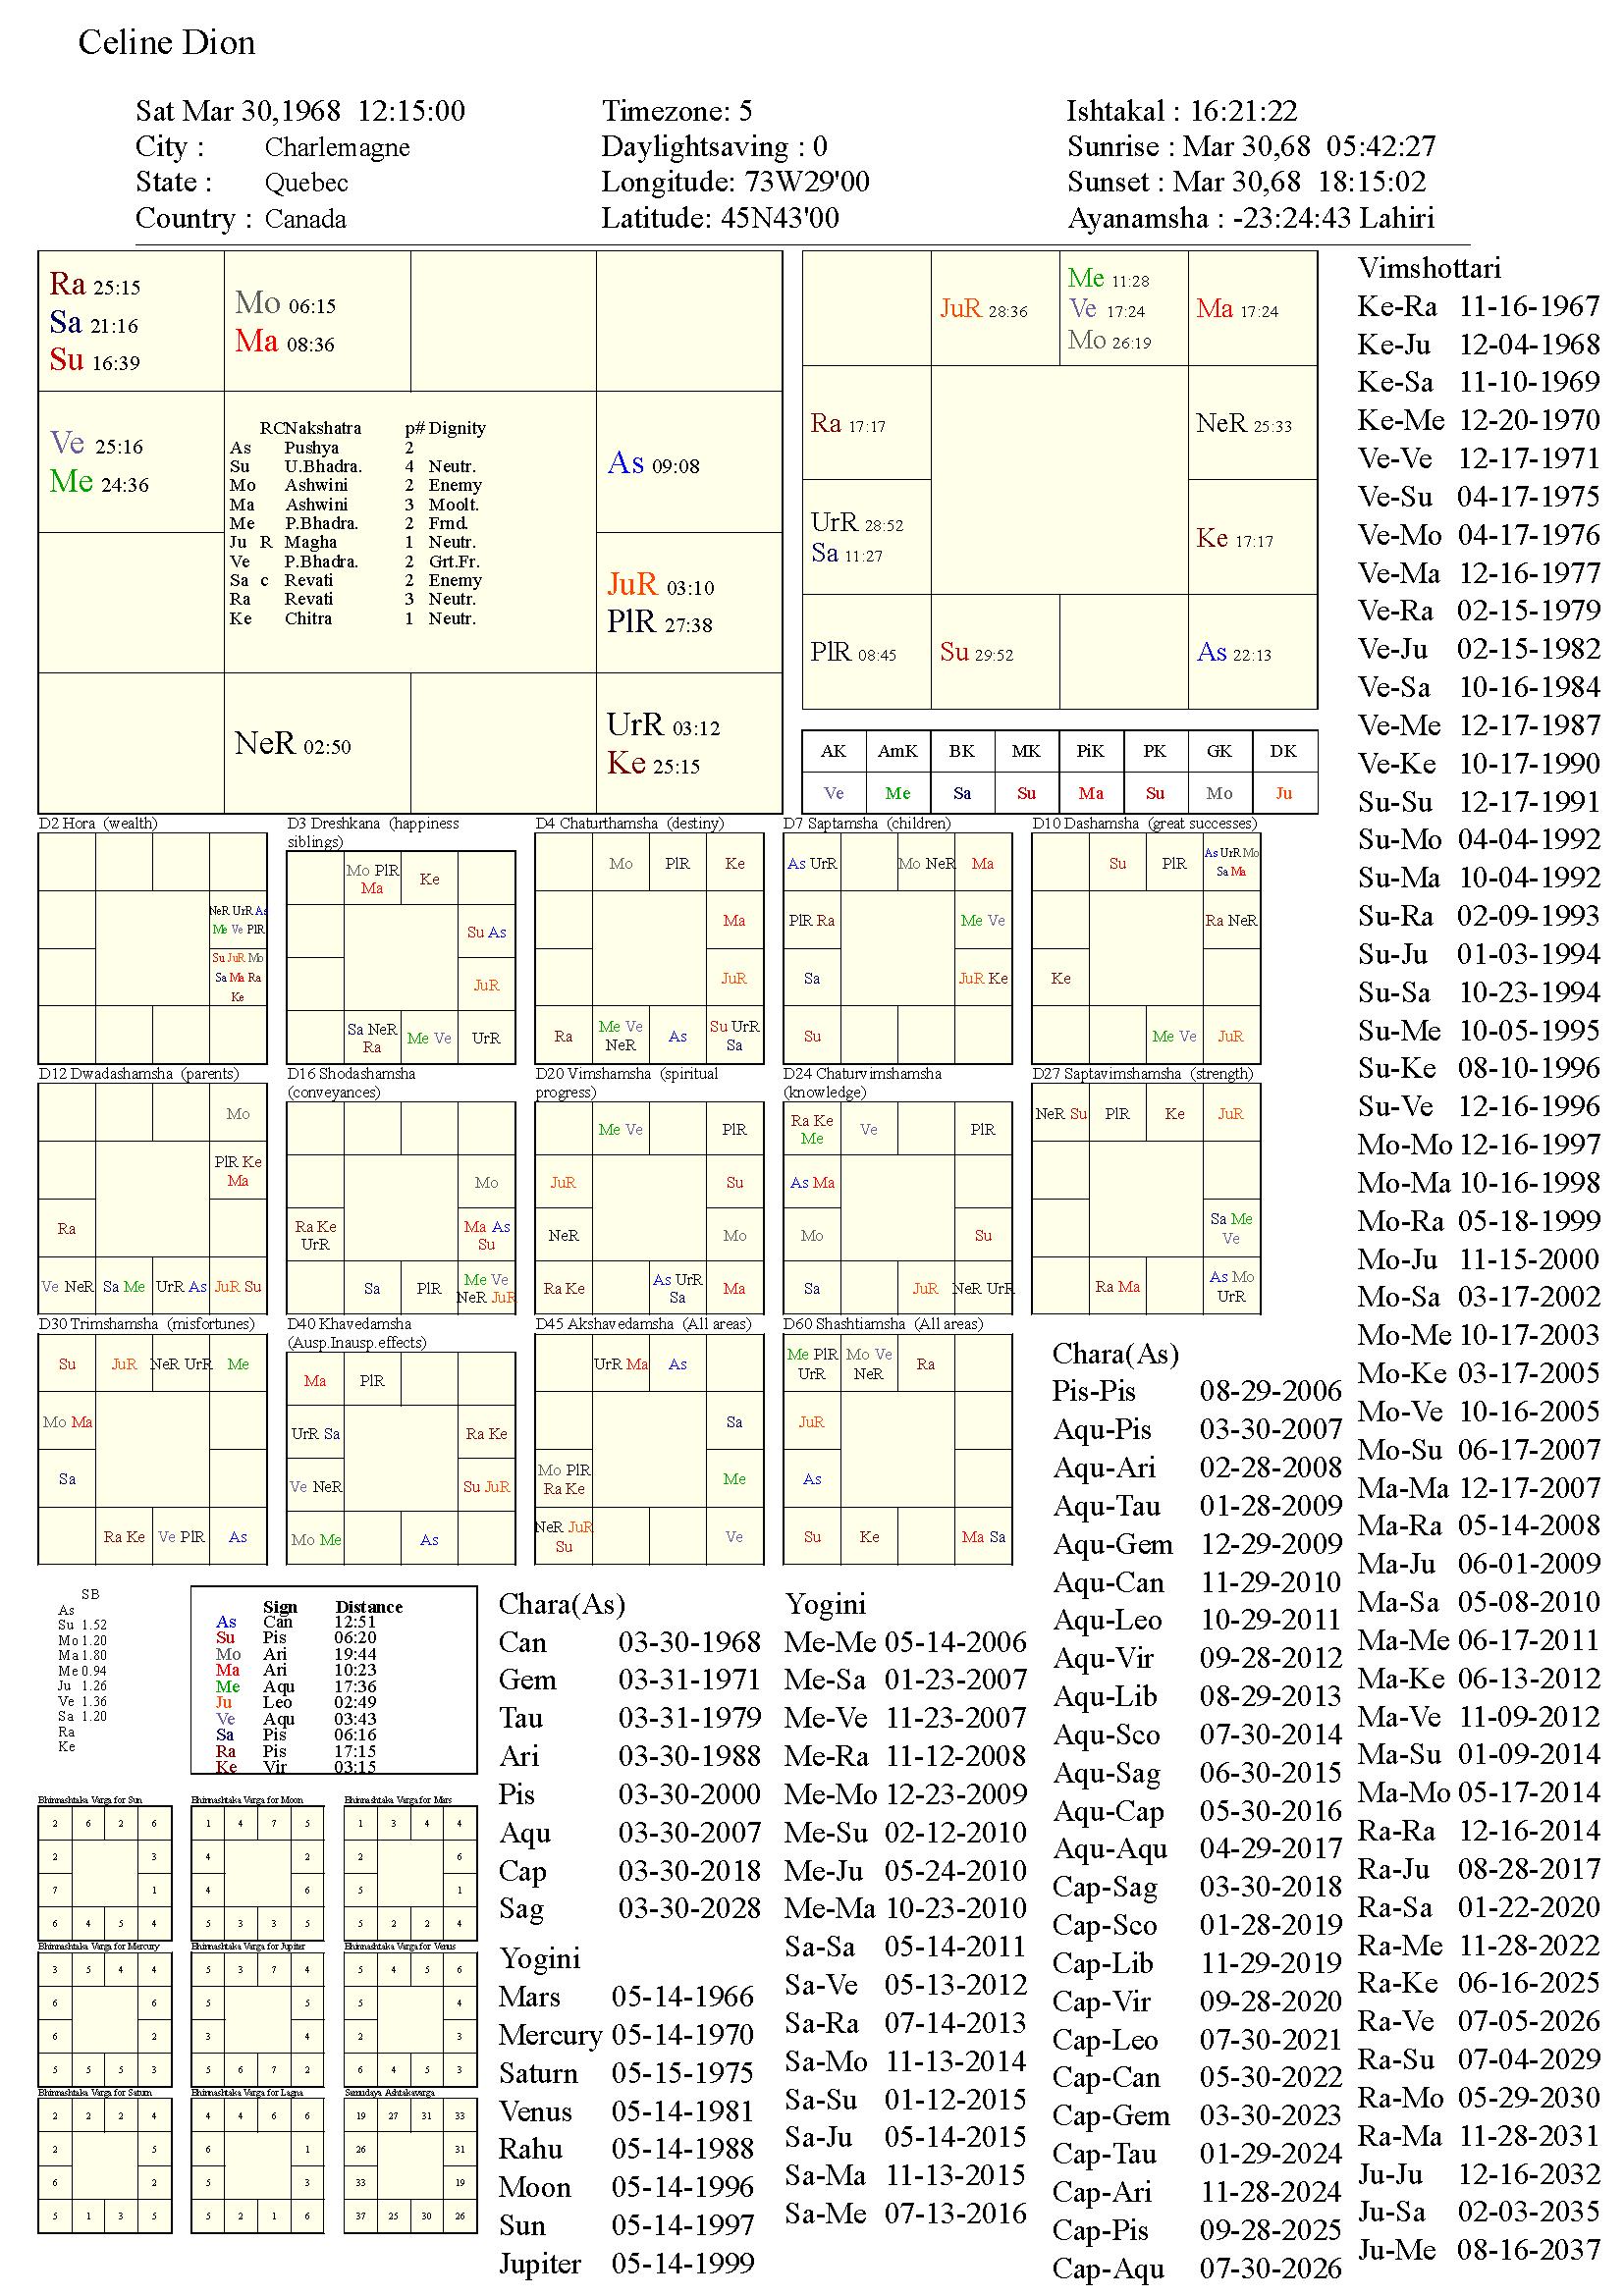 celinedion_chart